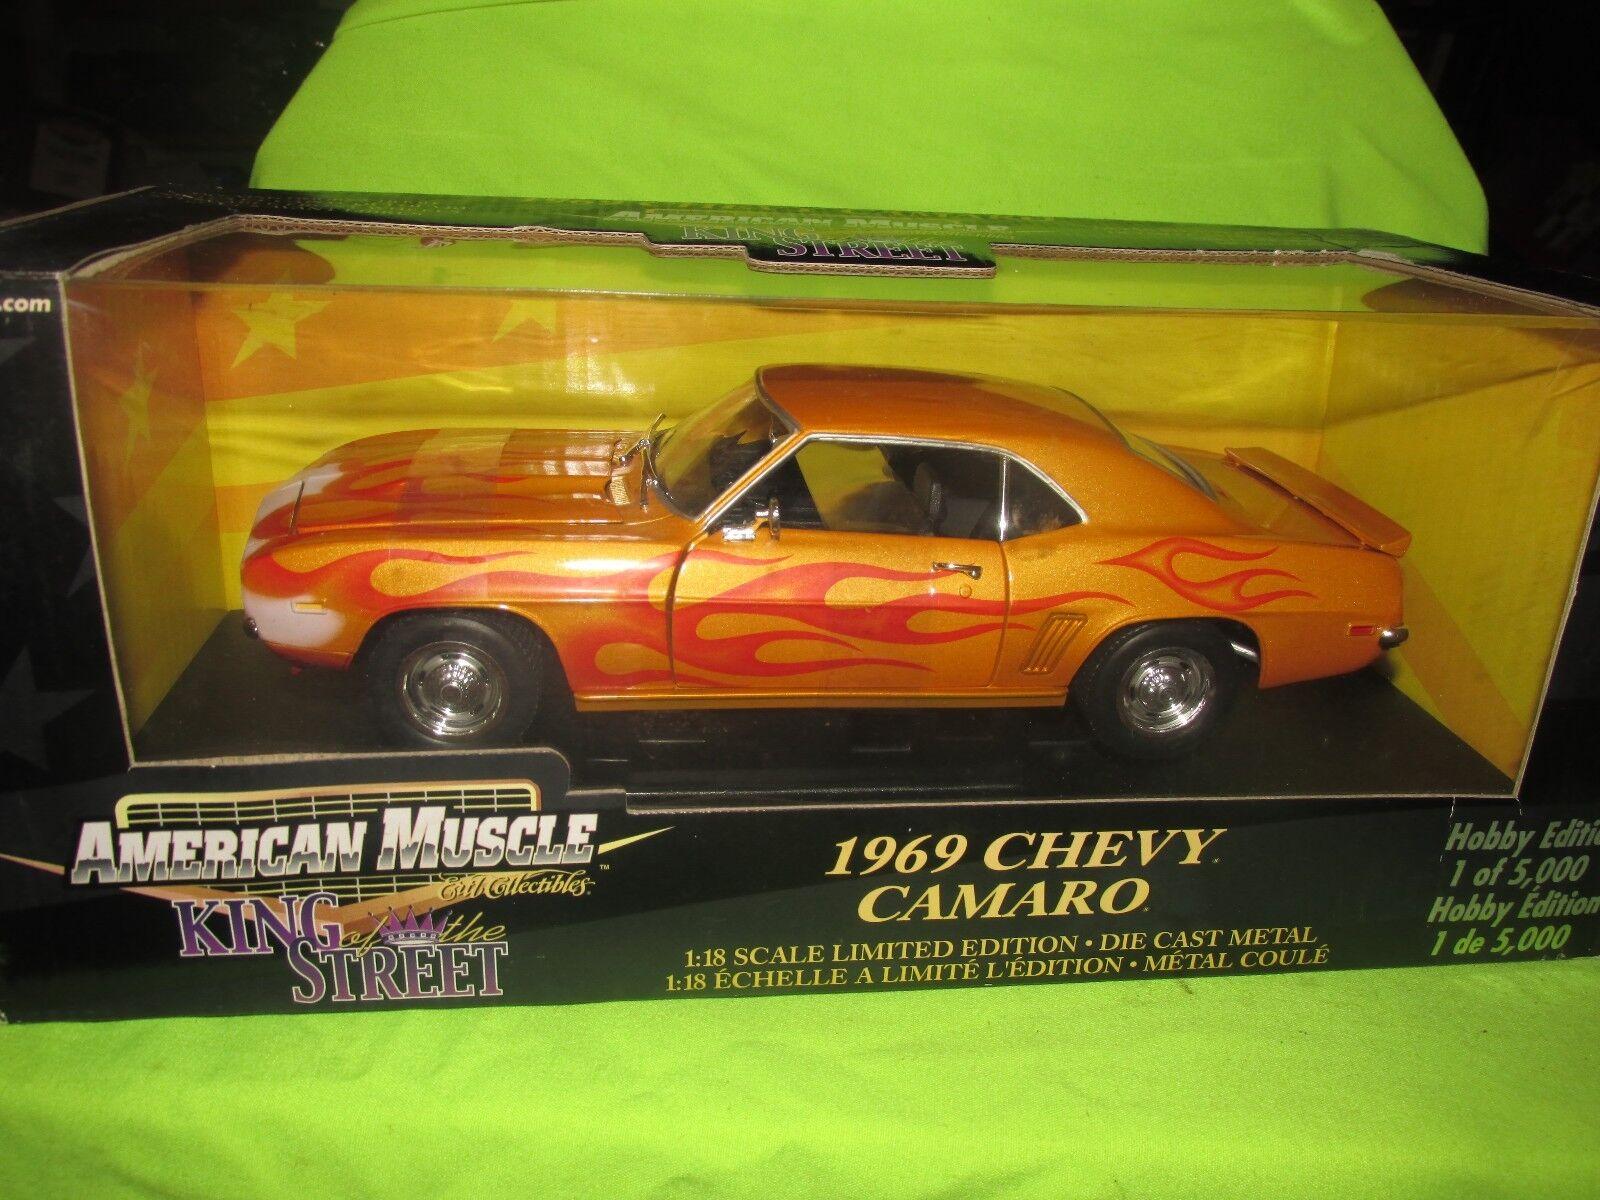 1969 Chevrolet Camaro 69 Roi de Rue Personnalisé  1 18 Hobby American Muscle Ertl  marques de créateurs bon marché